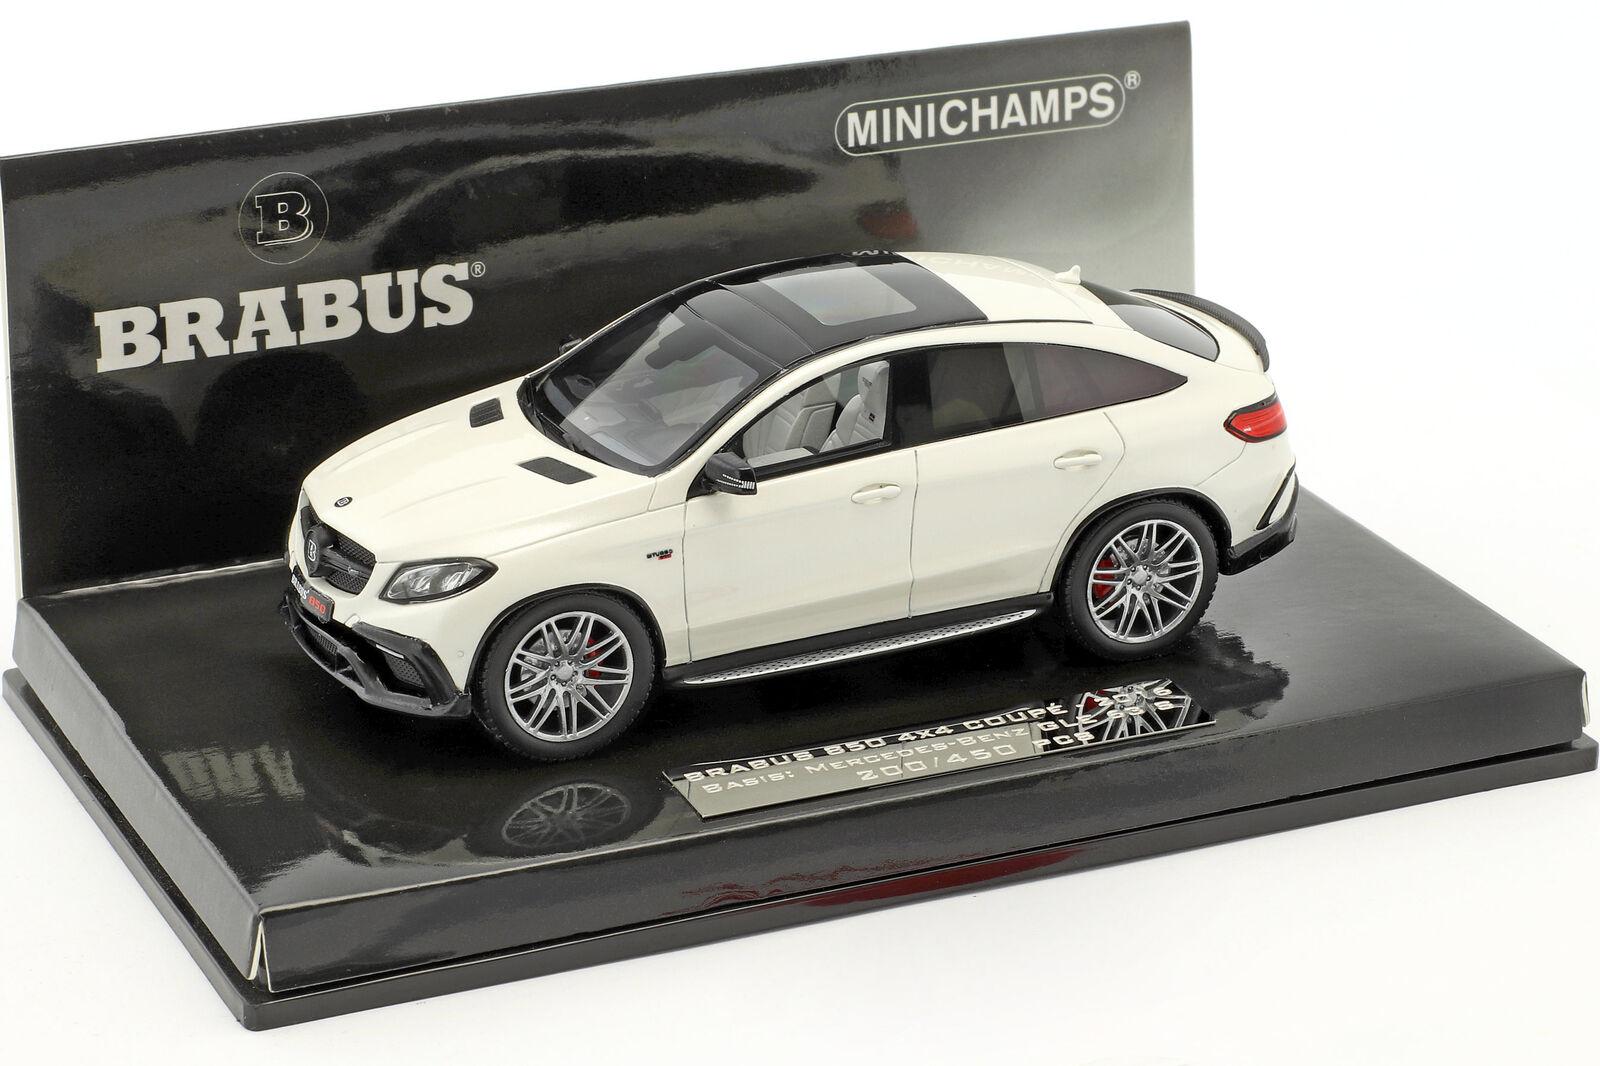 BRABUS 850 4x4 coupé sur base Mercedes-Benz AMG assimilés 63 S année-modèle 2016 Blanc 1:4 | La Boutique En Ligne